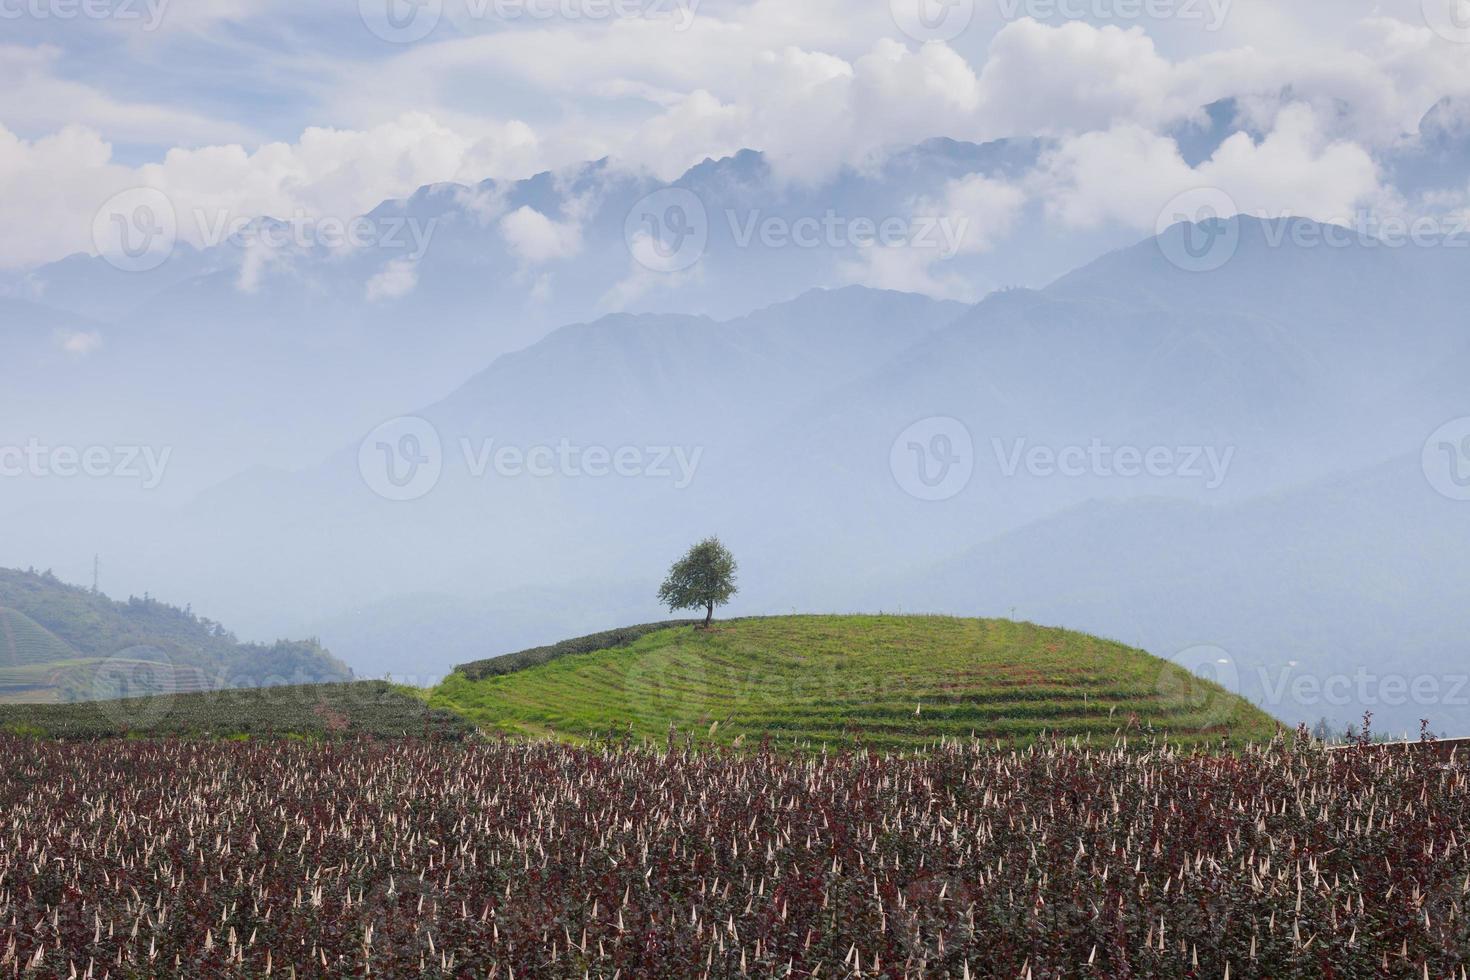 Baum auf einem grünen Hügel foto